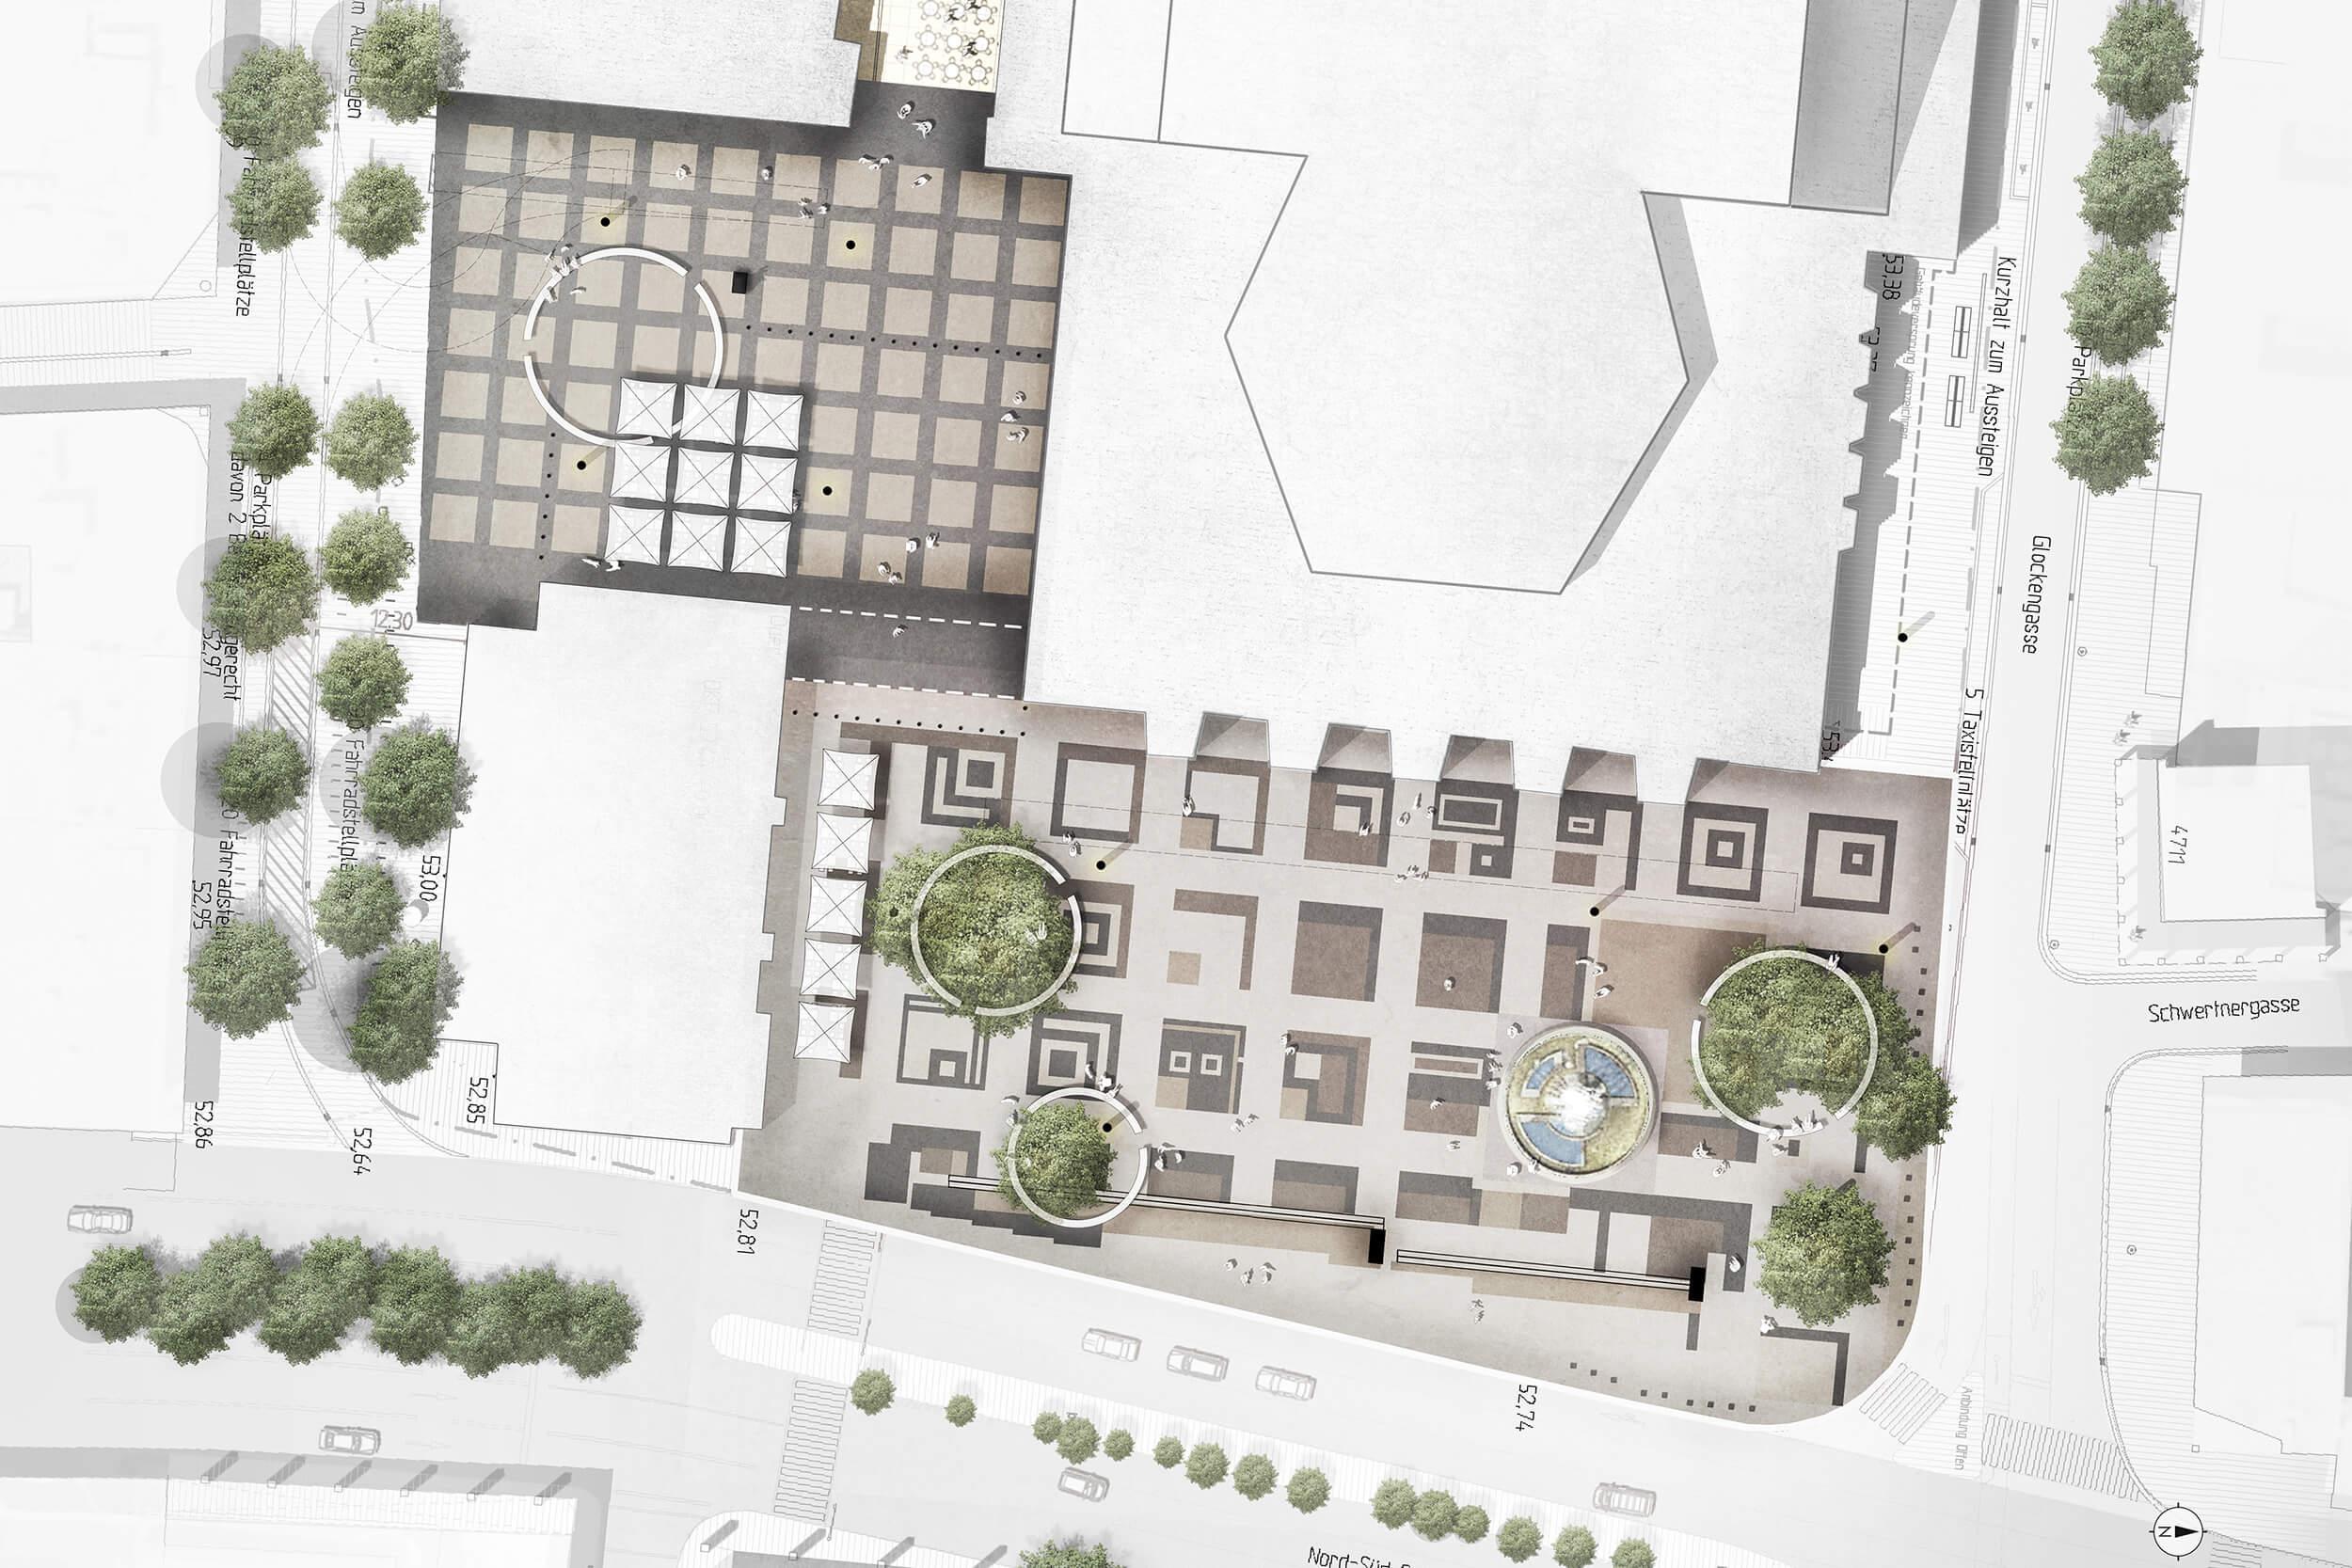 Lageplan Moeblierung Offenbachplatz